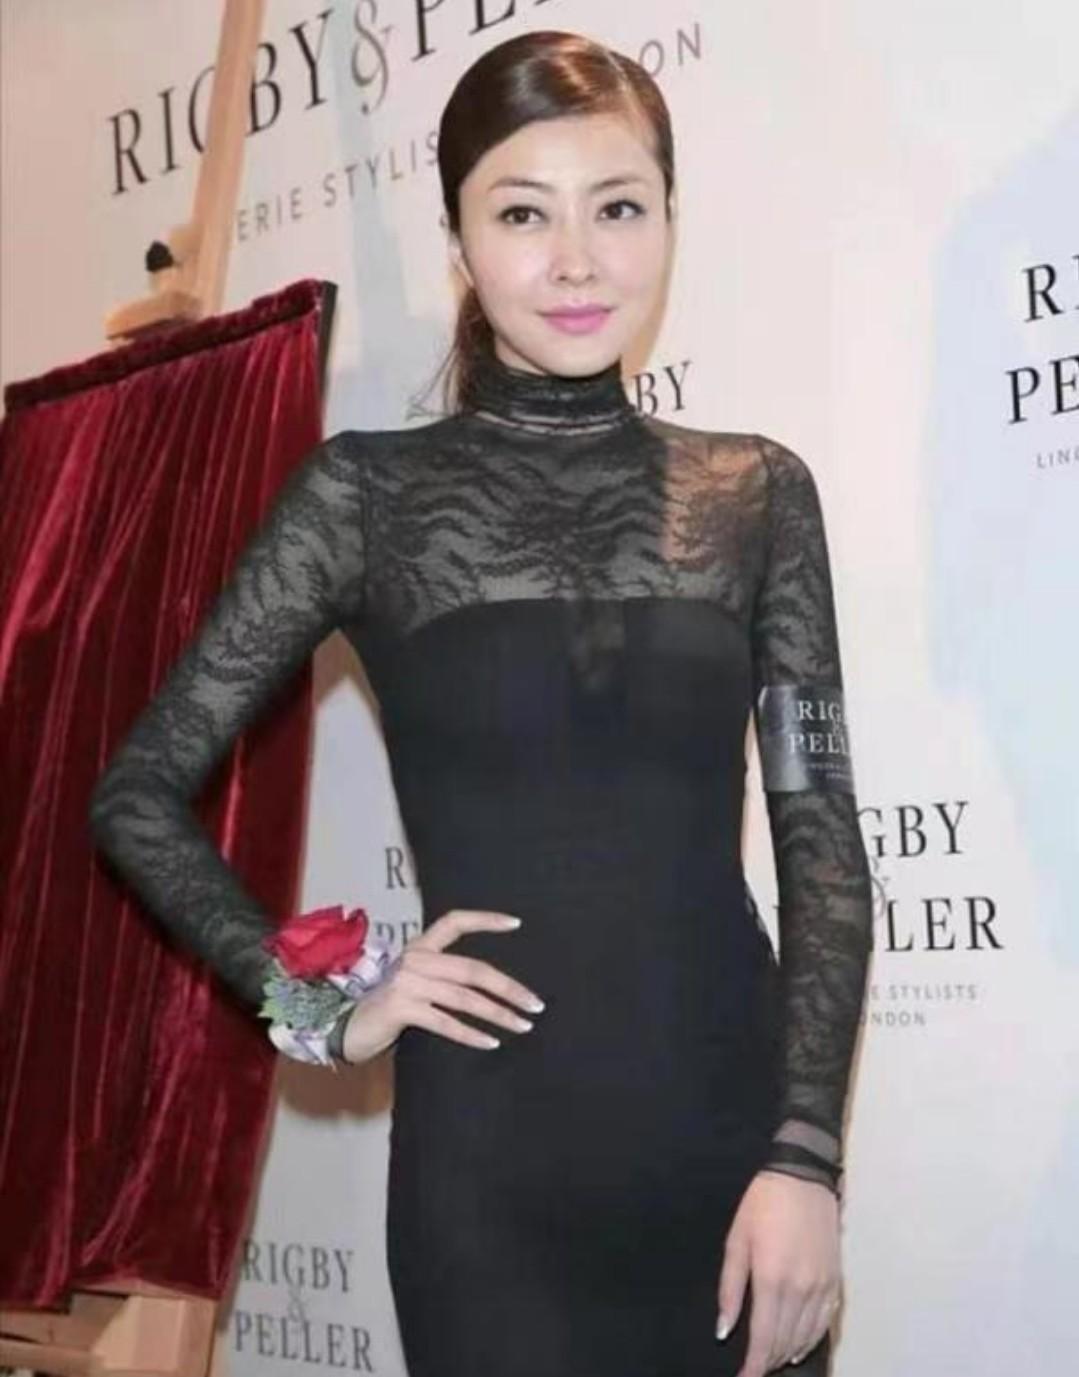 熊黛林穿黑色蕾丝连衣裙,上身若隐若现的肌肤,太让人着迷了